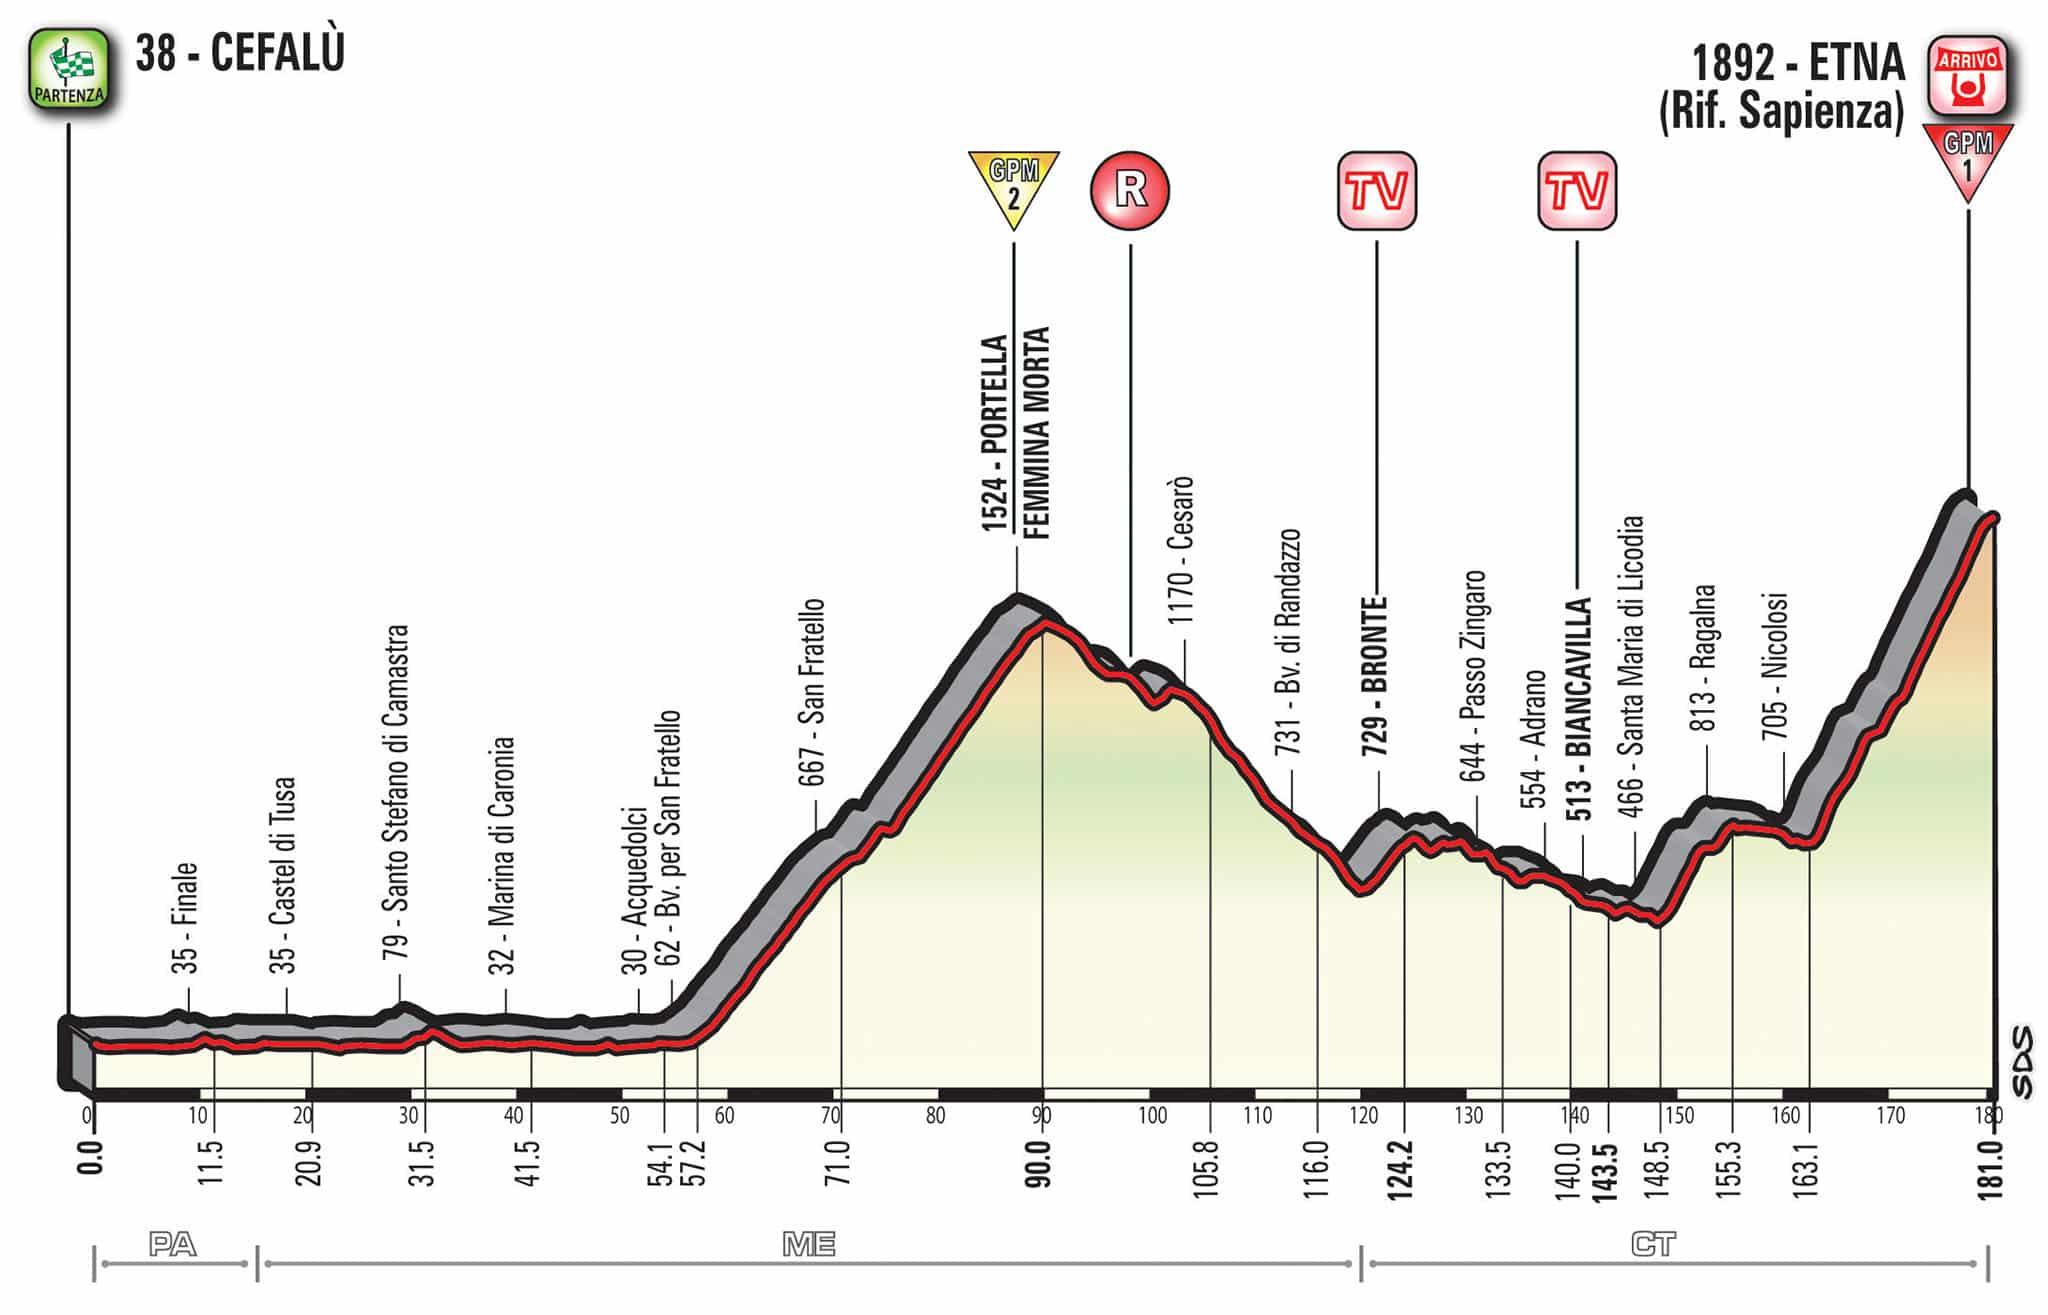 Come vedere il Giro d'Italia 2017 in streaming